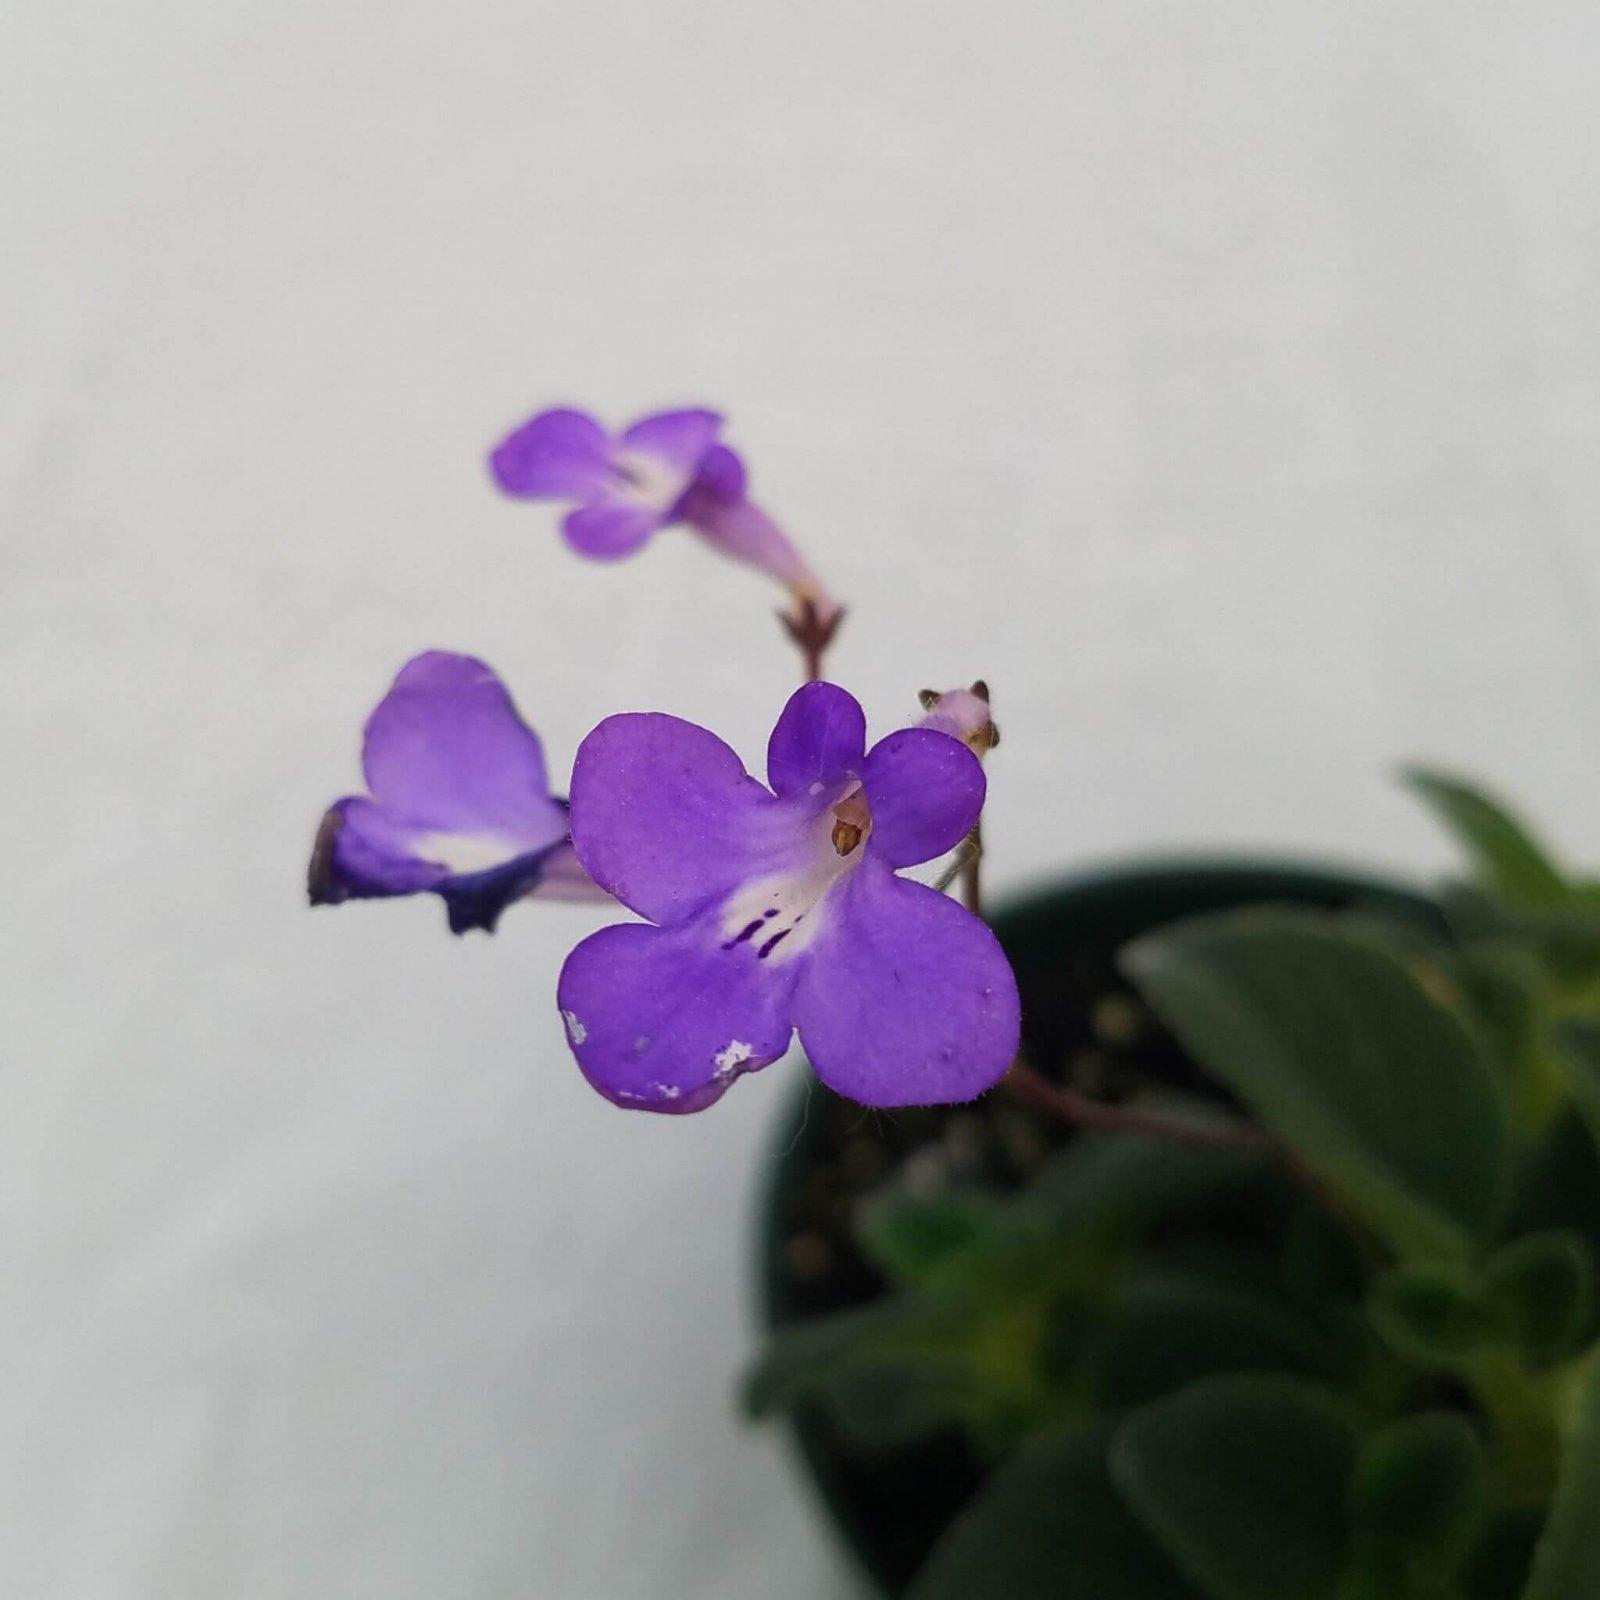 Streptocarpella saxorum - 4 1/2